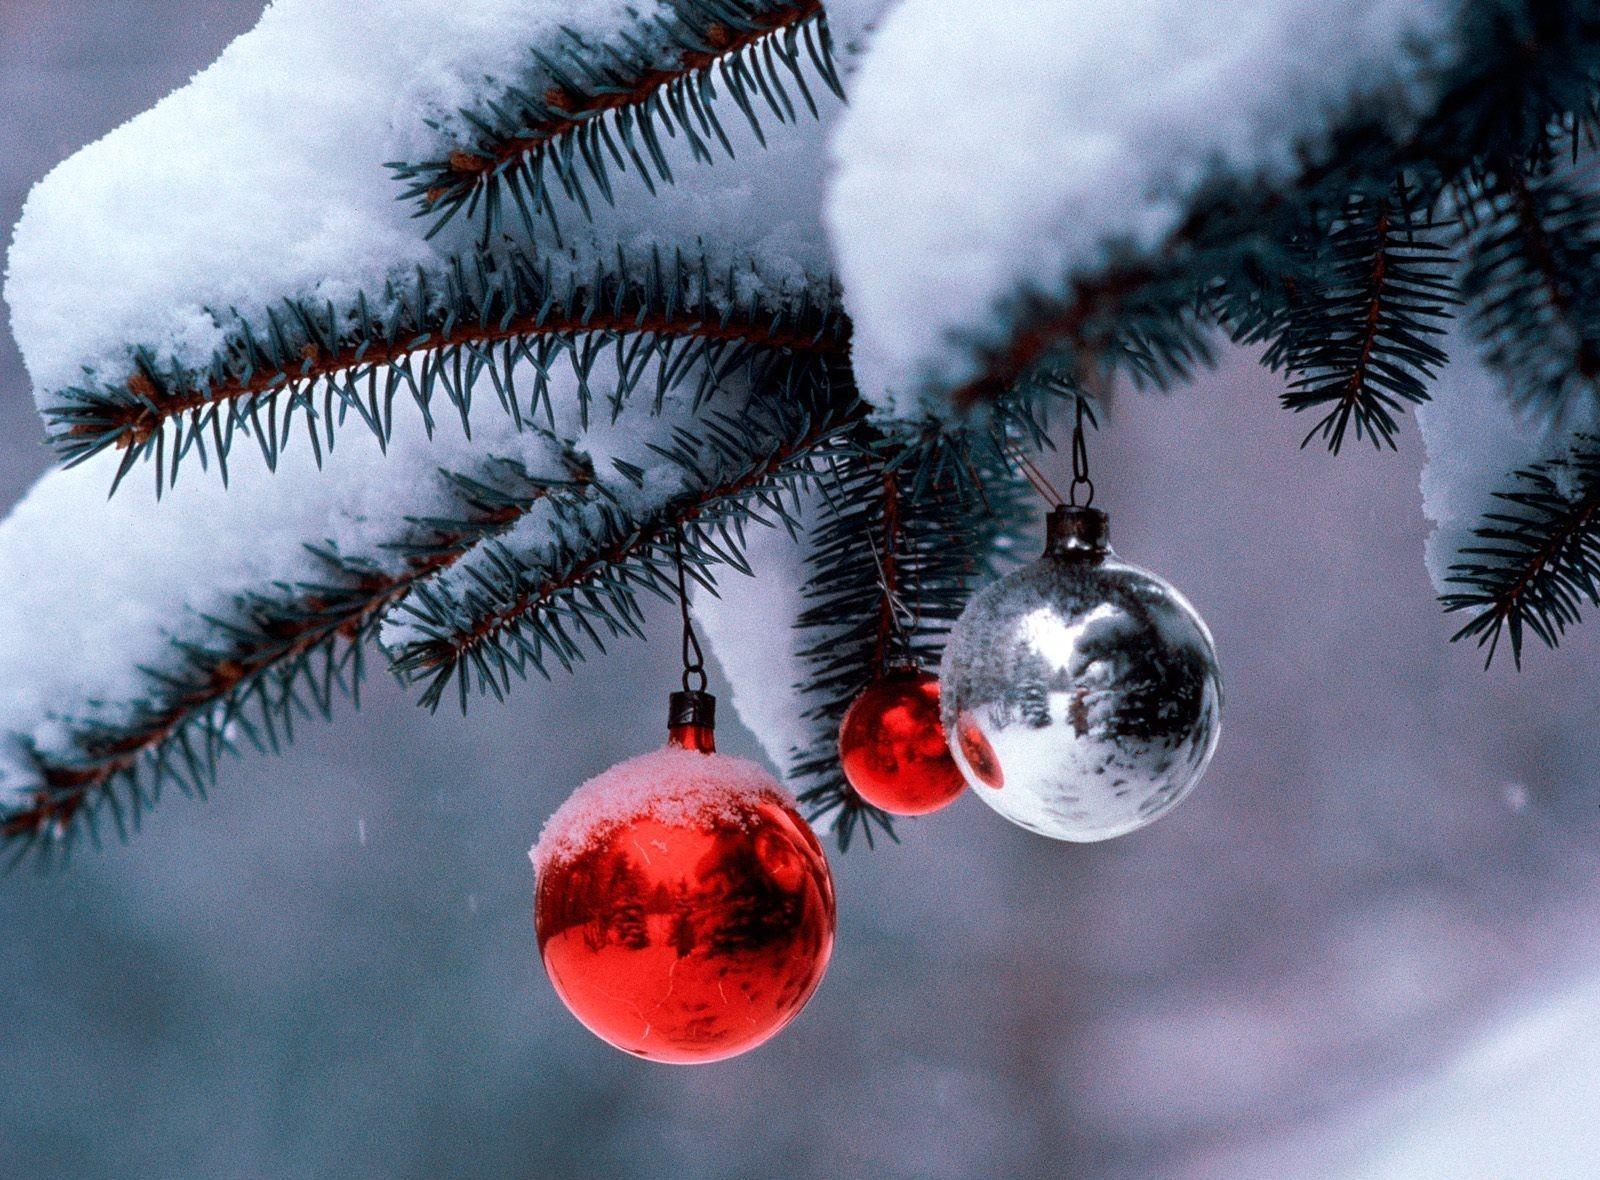 81638 скачать картинку Праздники, Снег, Размытость, Рождество, Новый Год, Праздник, Ветка, Хвоя, Елочные Игрушки - обои и заставки бесплатно